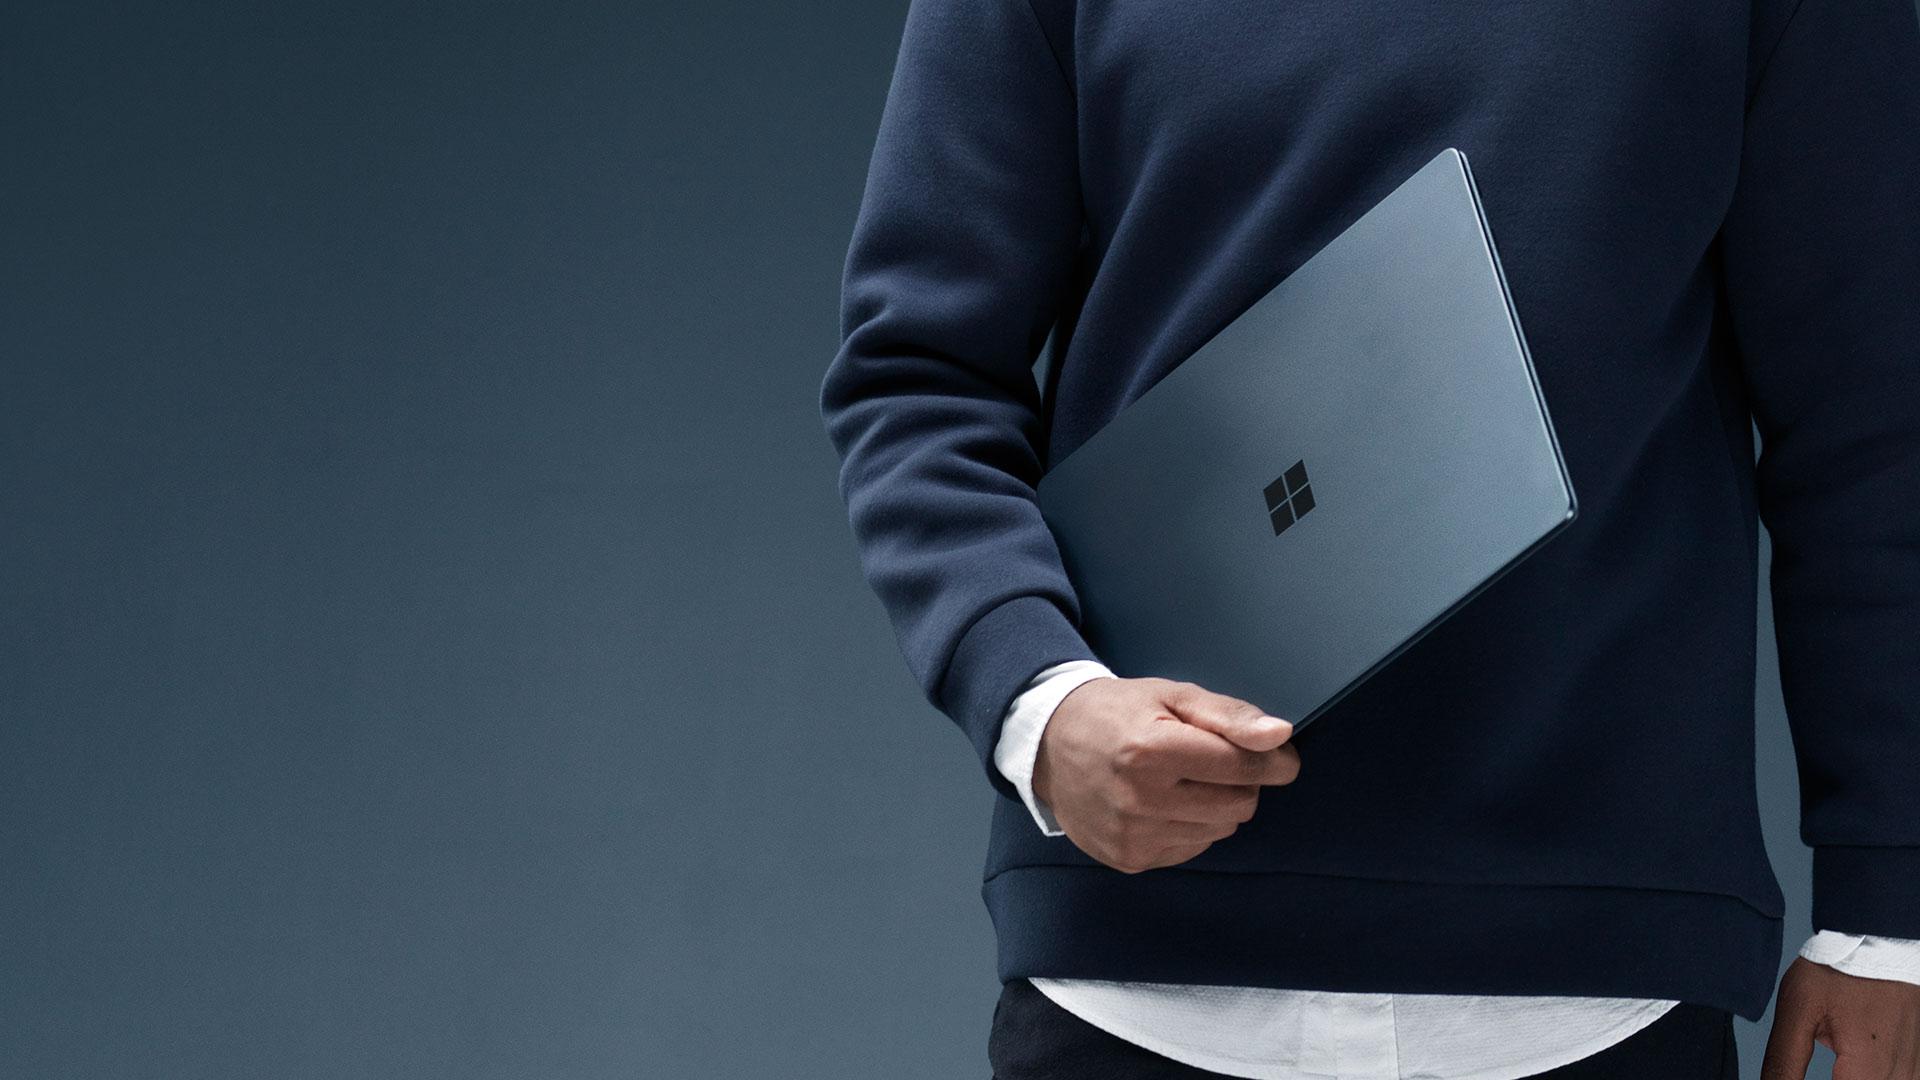 Mand, der holder en koboltblå Surface Laptop